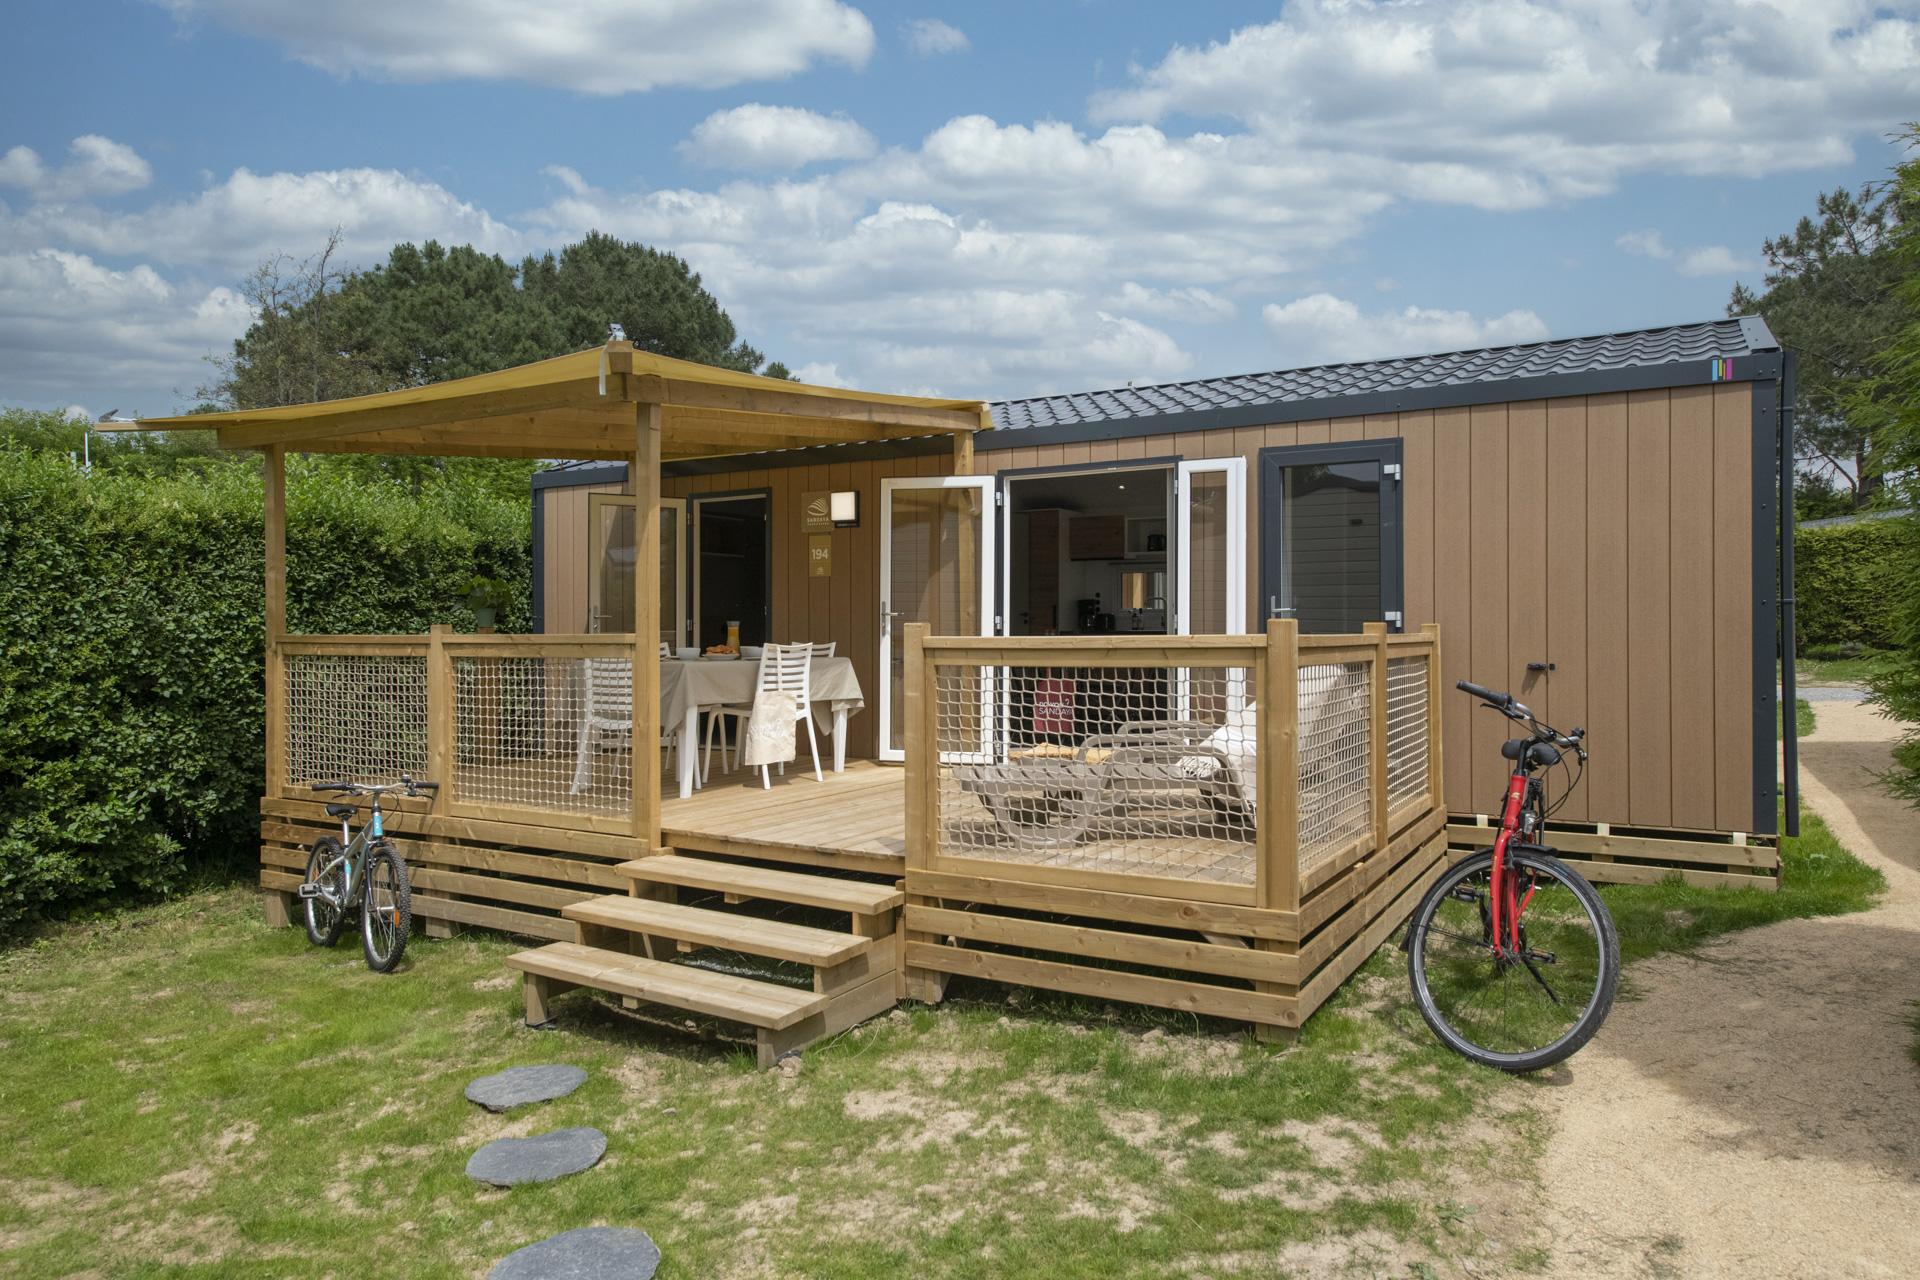 Location - Cottage 2 Chambres **** - Camping Sandaya Le Moulin de l'Eclis